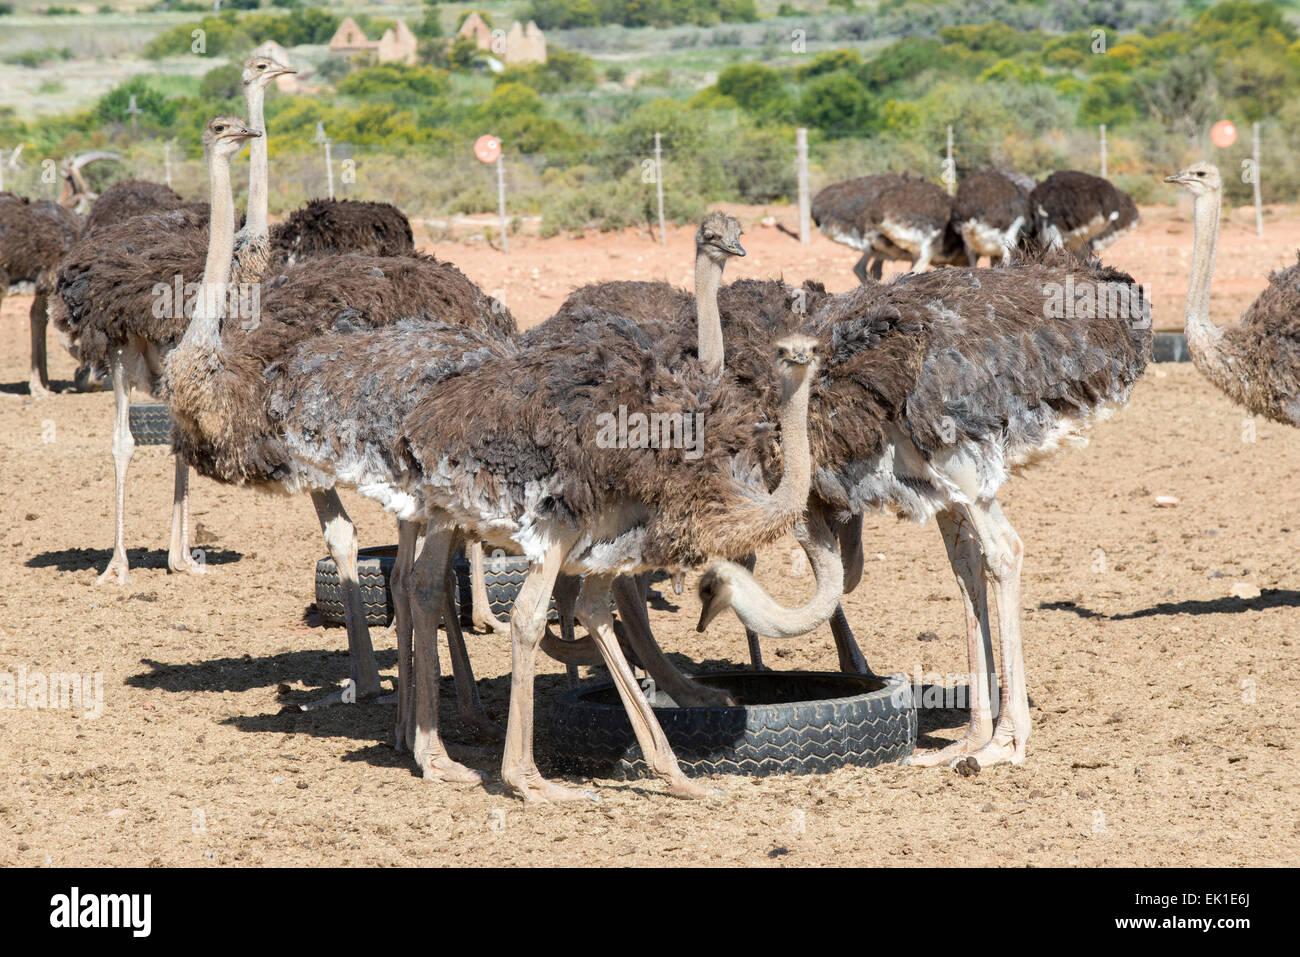 El avestruz (Struthio camelus) alimentación, cultivada por su carne y sus plumas en una granja comercial en Imagen De Stock